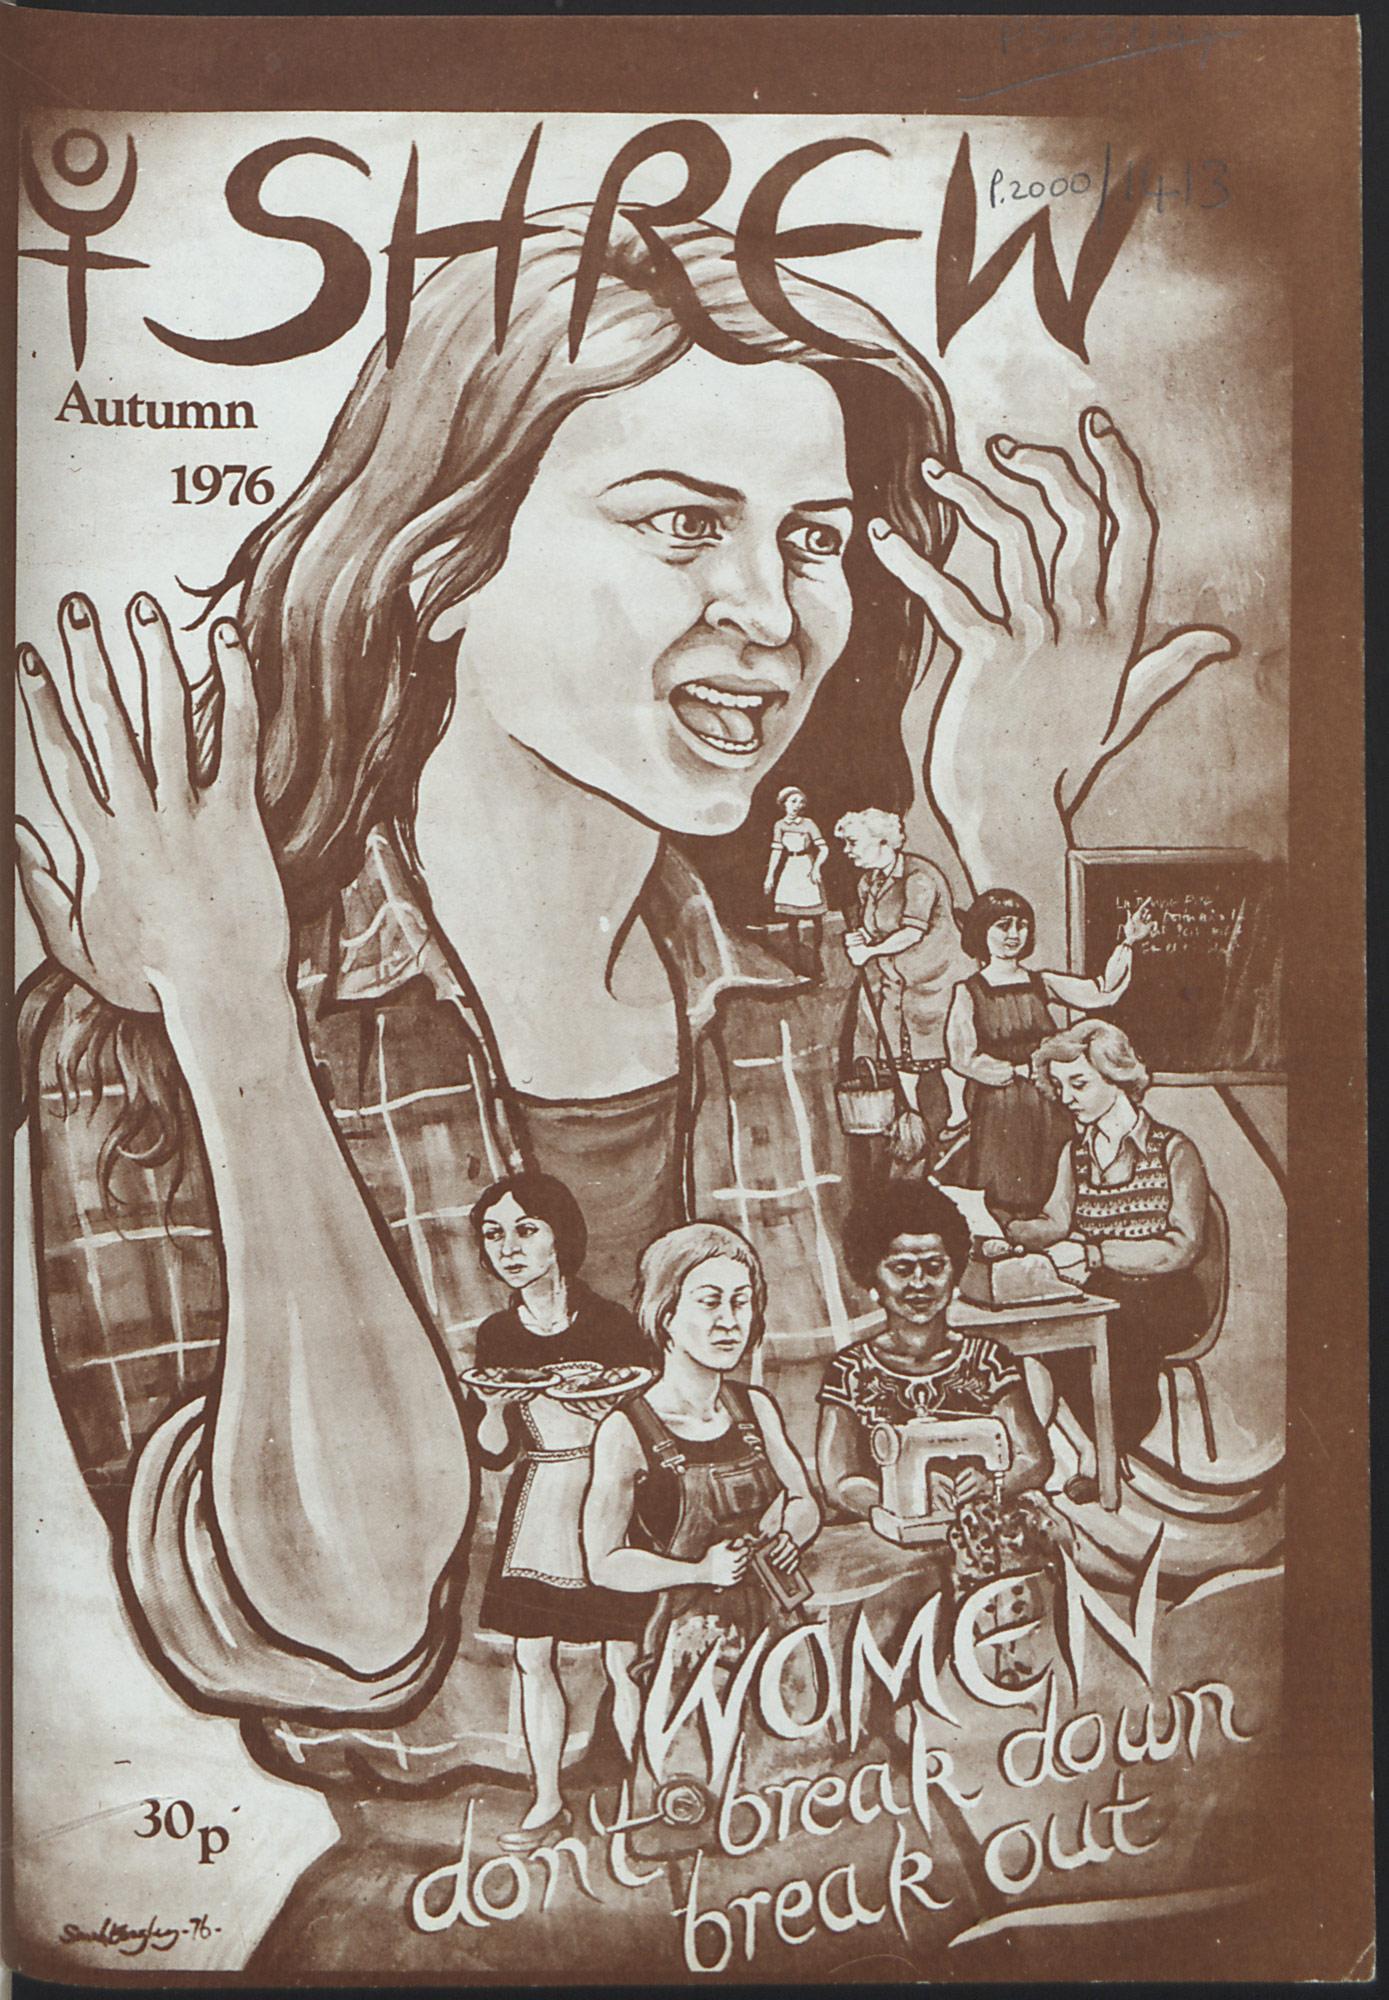 Shrew magazine 1976